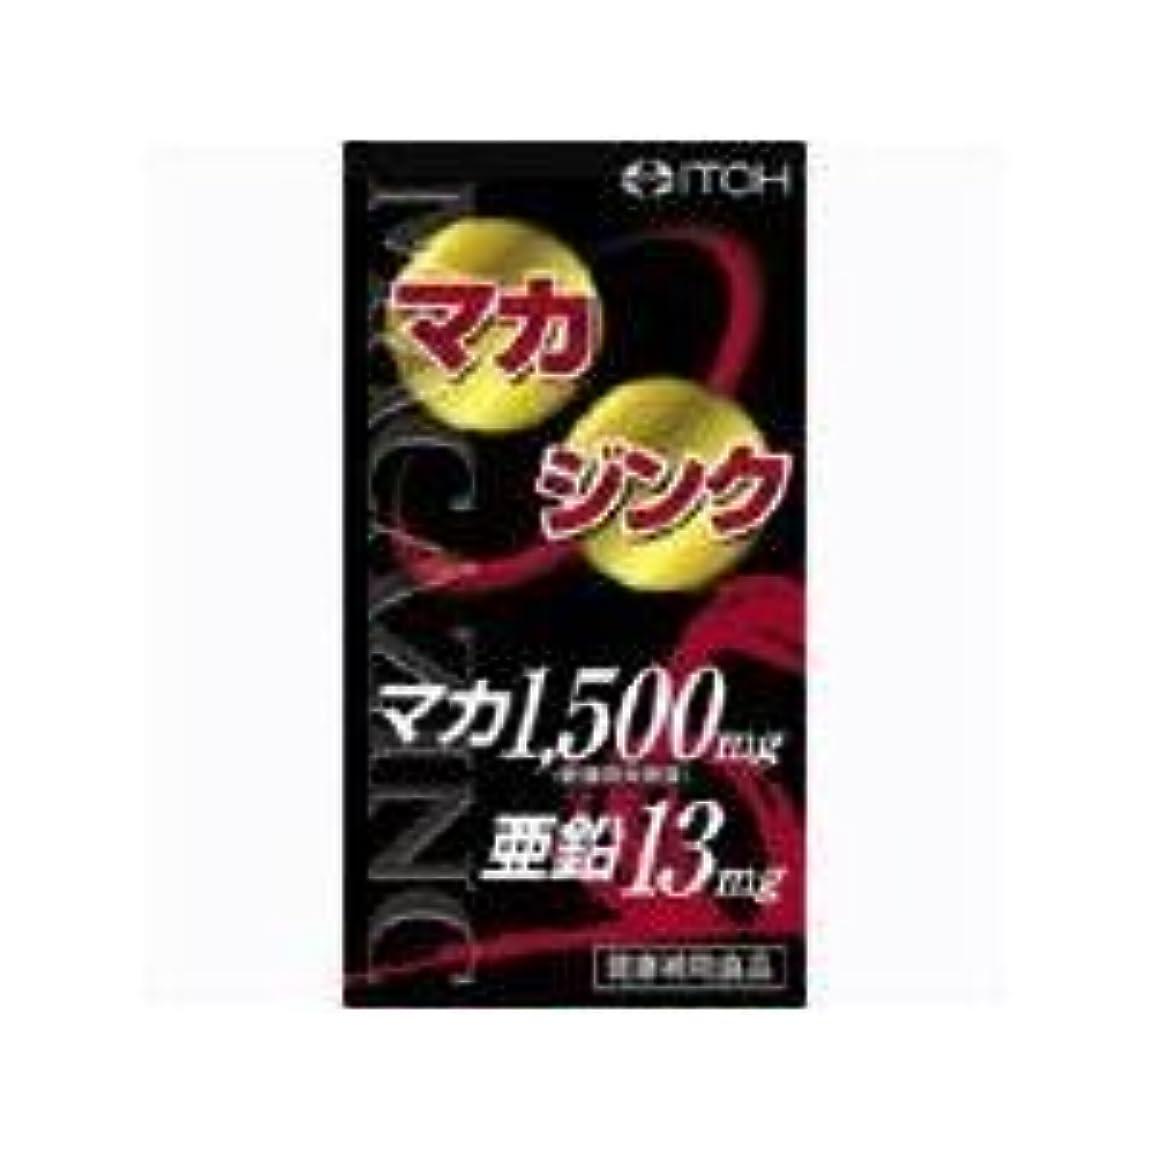 タップ口述するバックアップ井藤漢方製薬 マカジンク 250mg×約180粒 2個セット